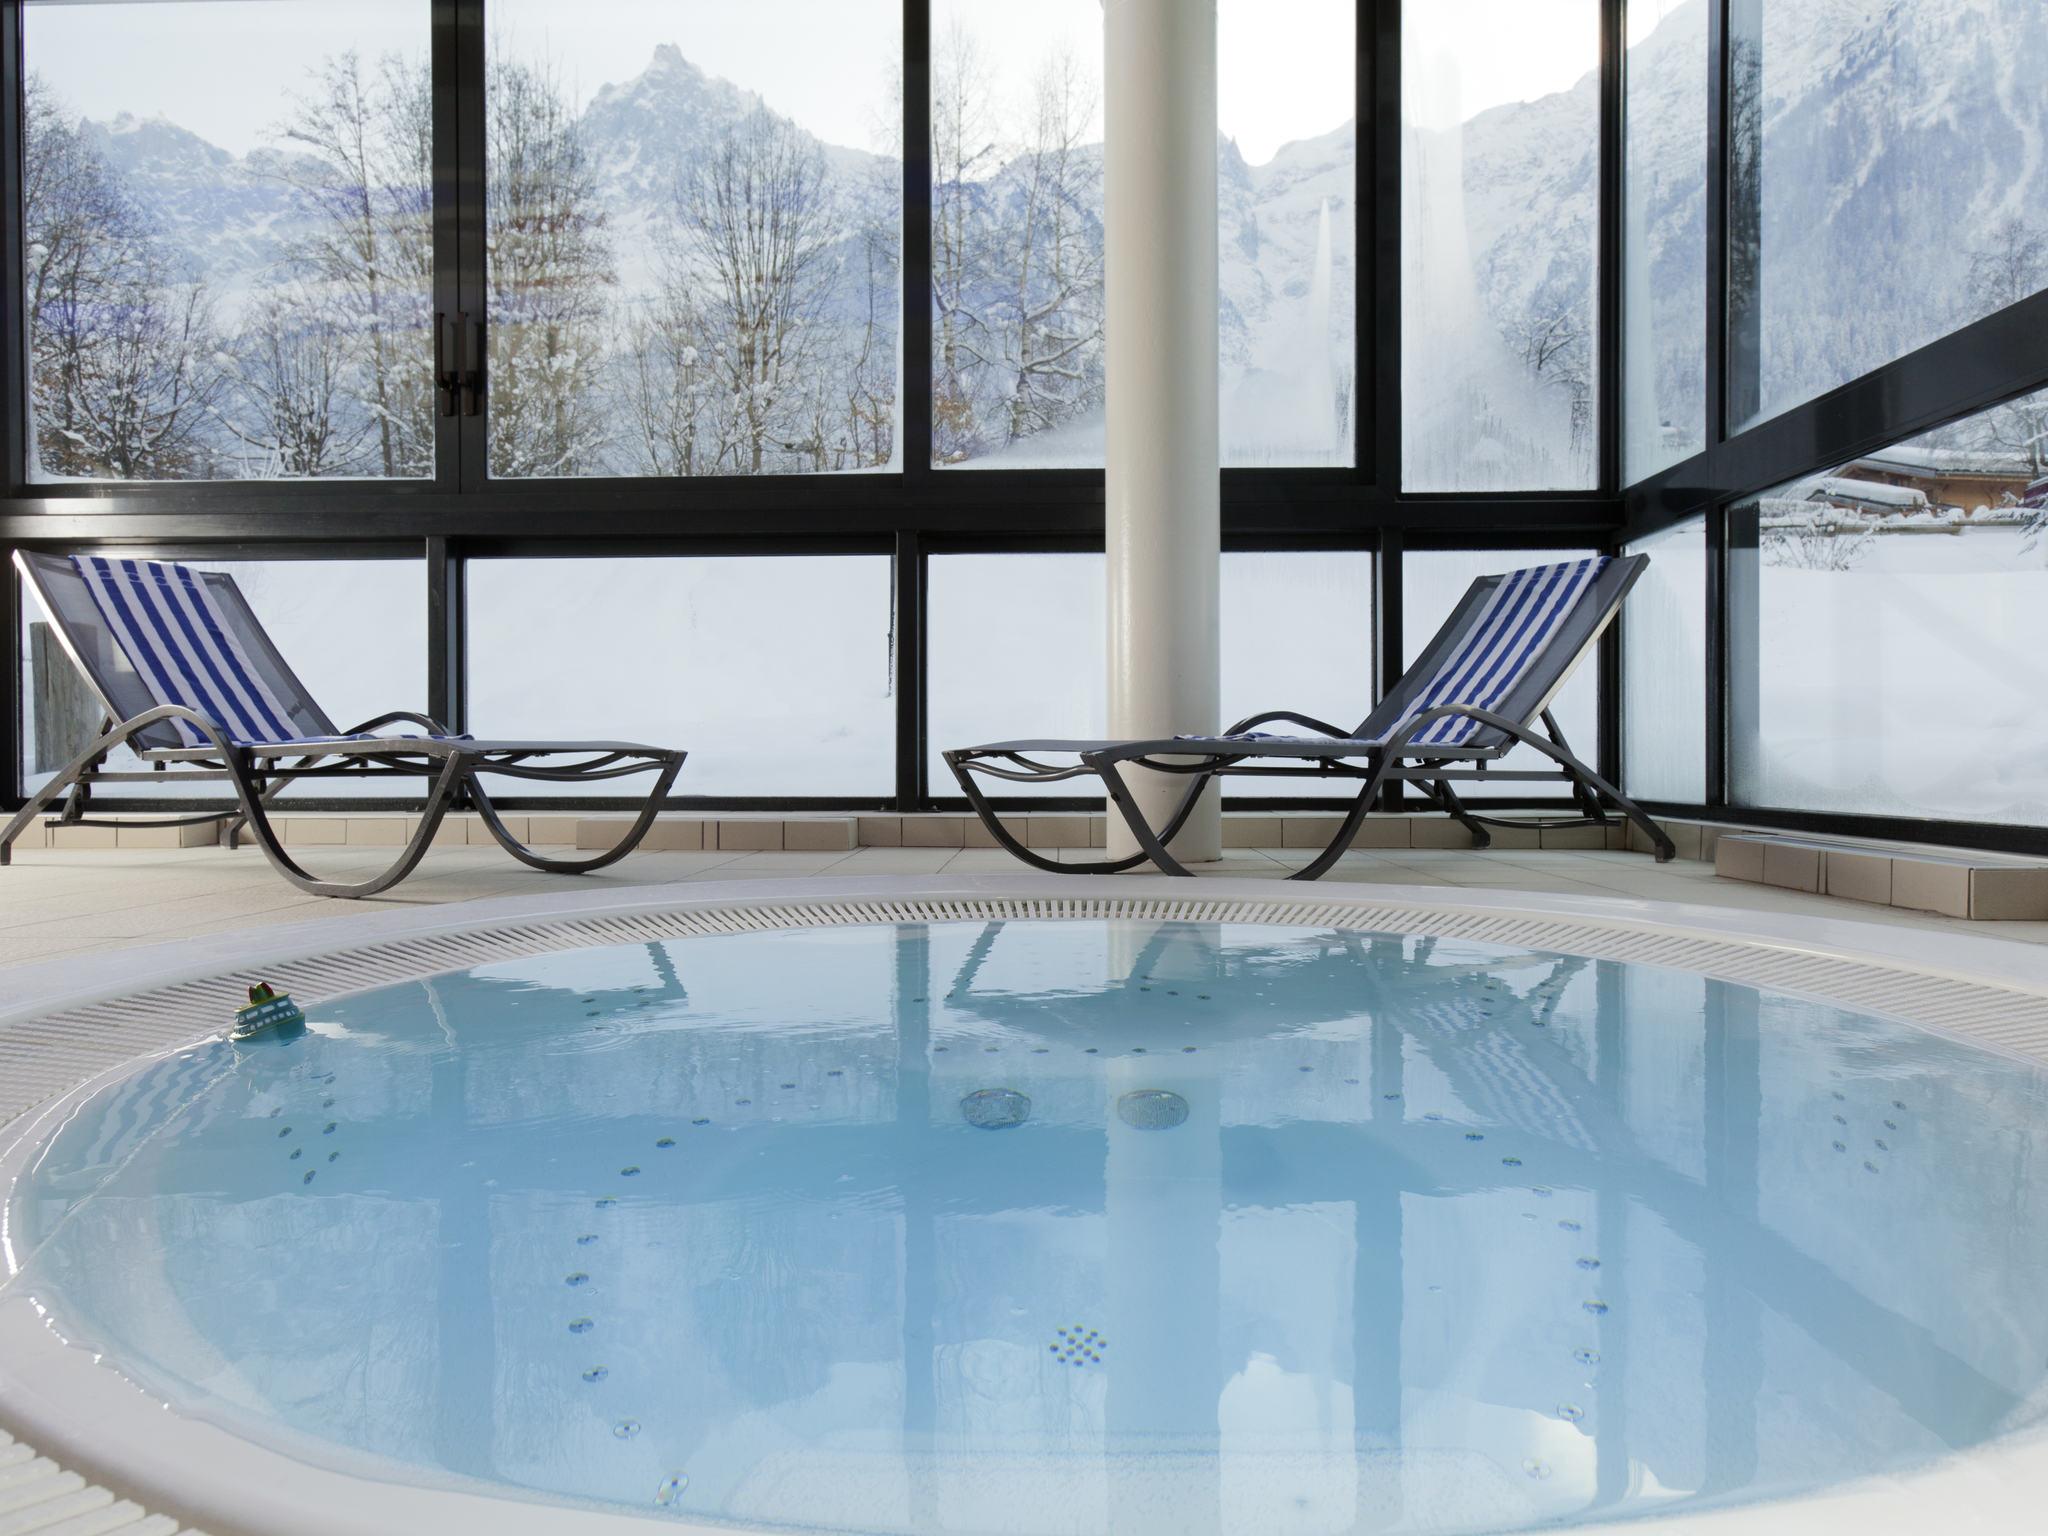 prix d un jacuzzi 4 places simple with prix d un jacuzzi 4 places best jacuzzi places. Black Bedroom Furniture Sets. Home Design Ideas